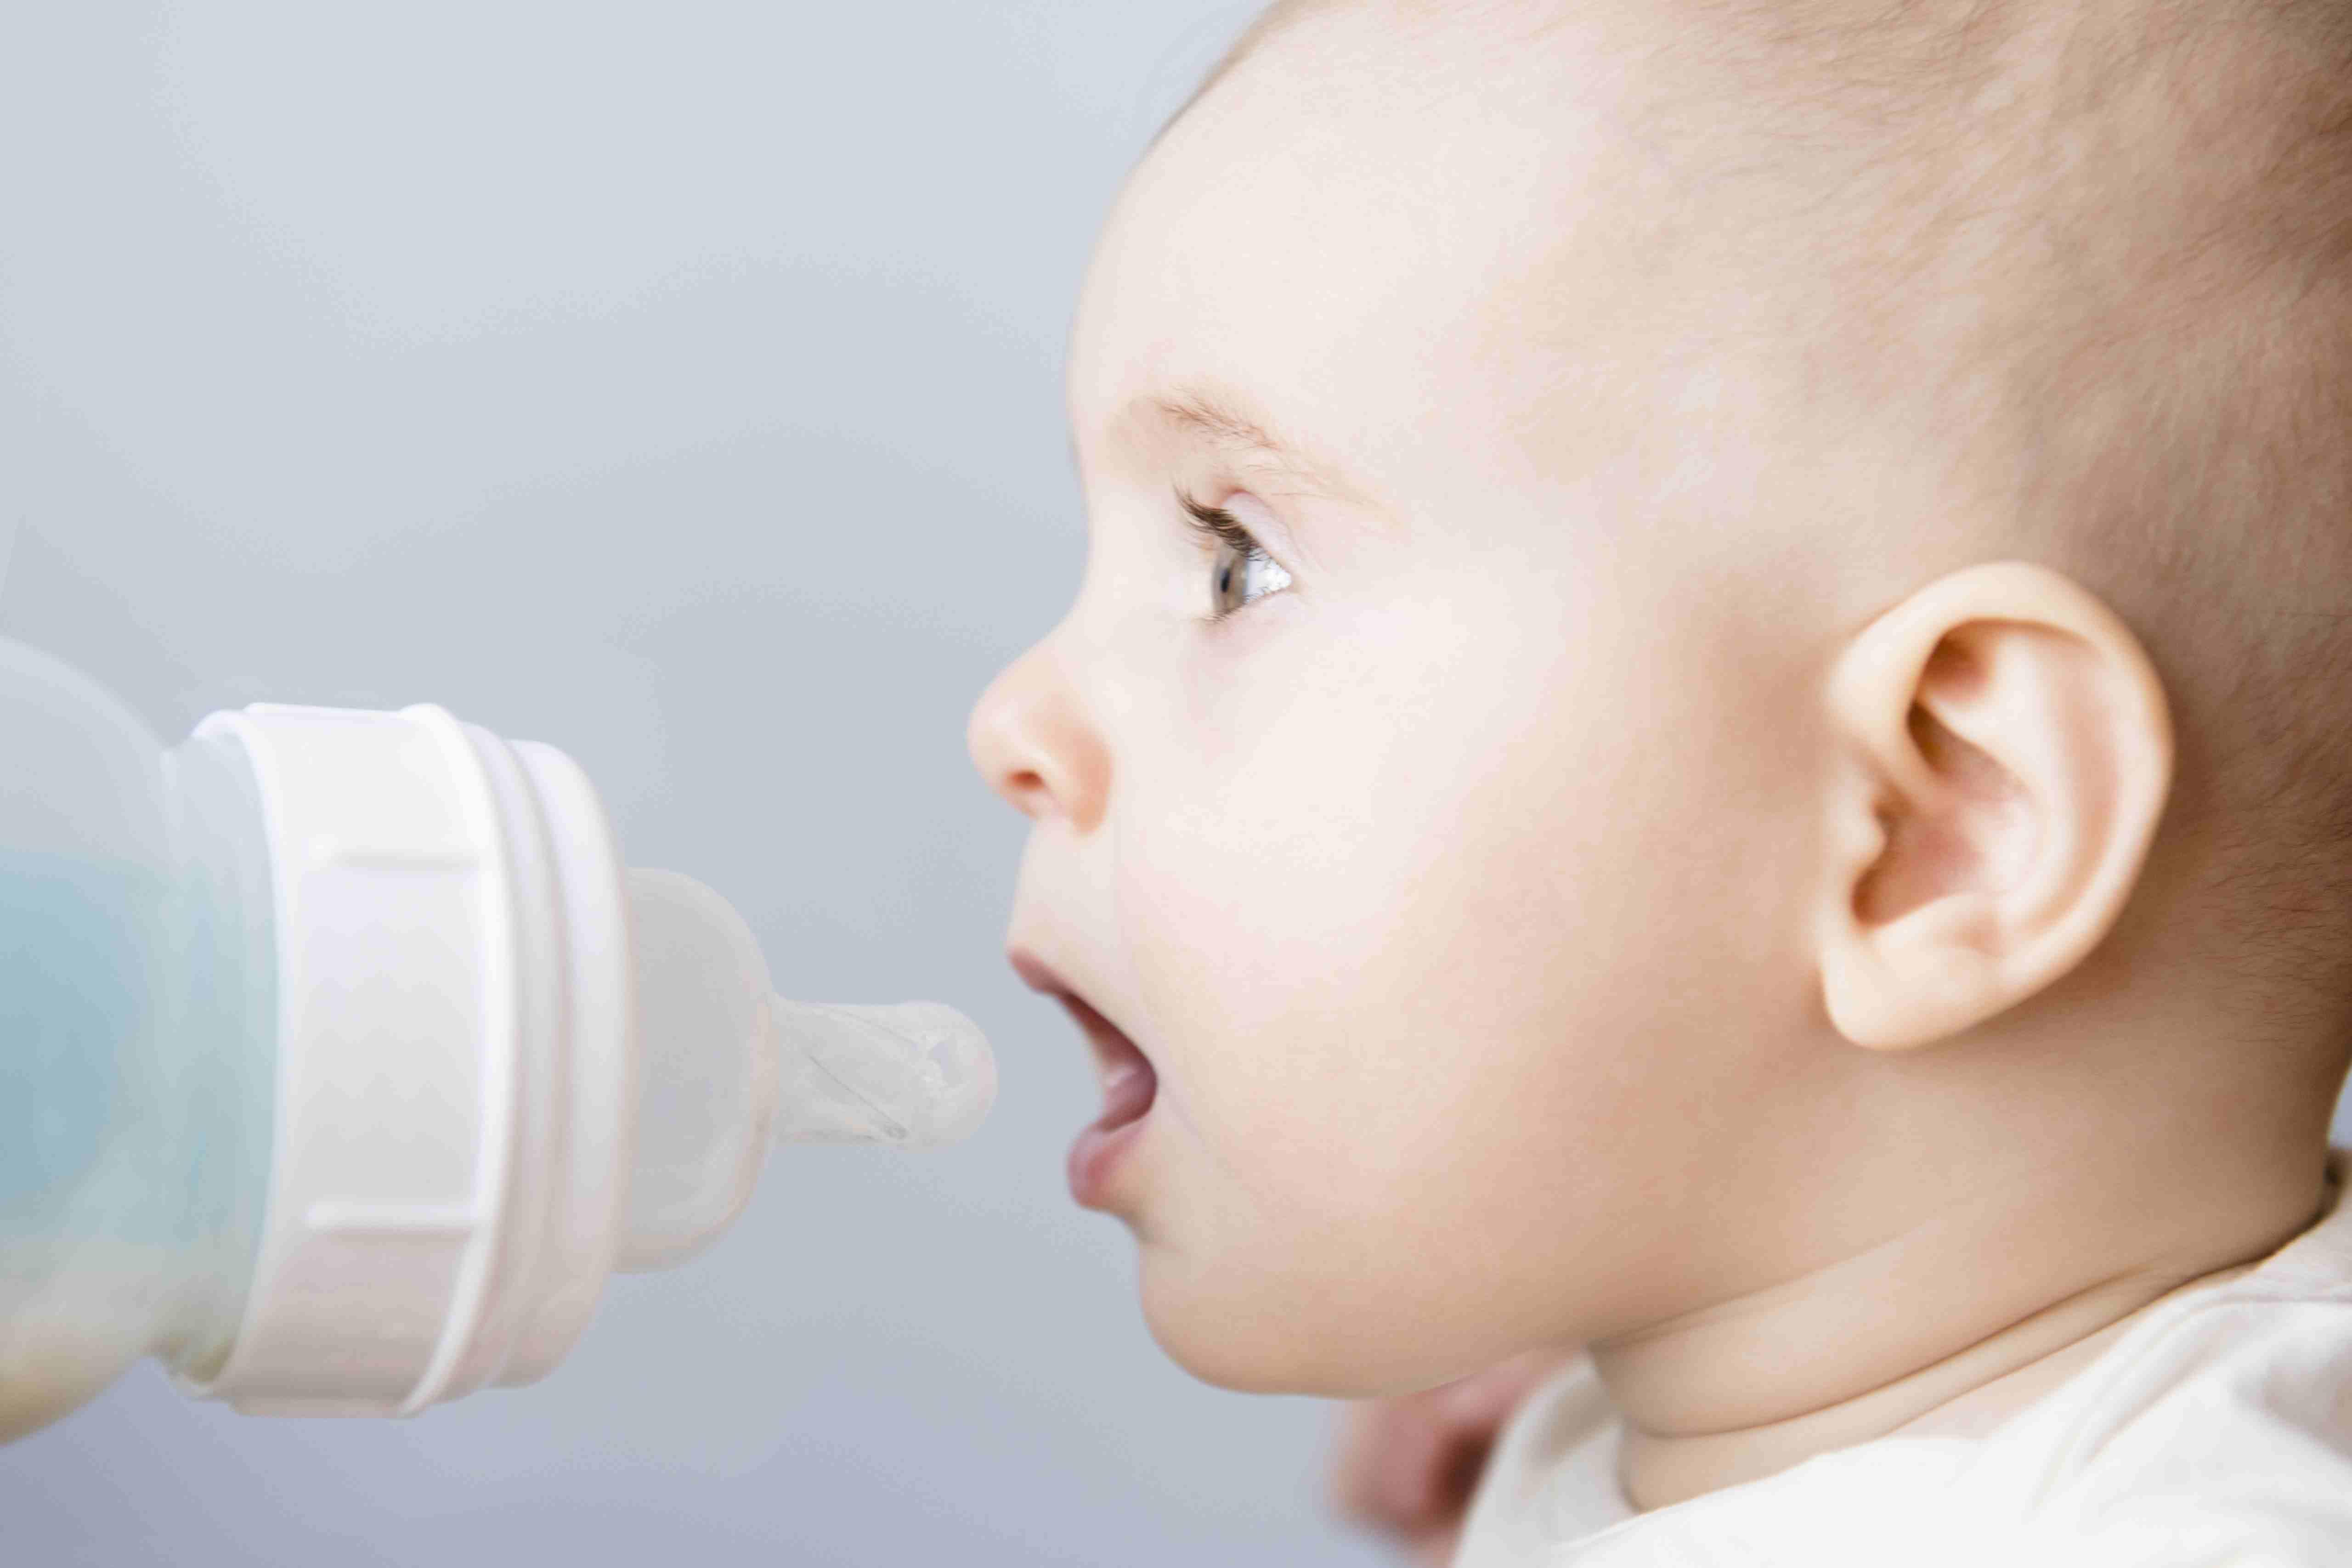 Baby girl drinking bottle